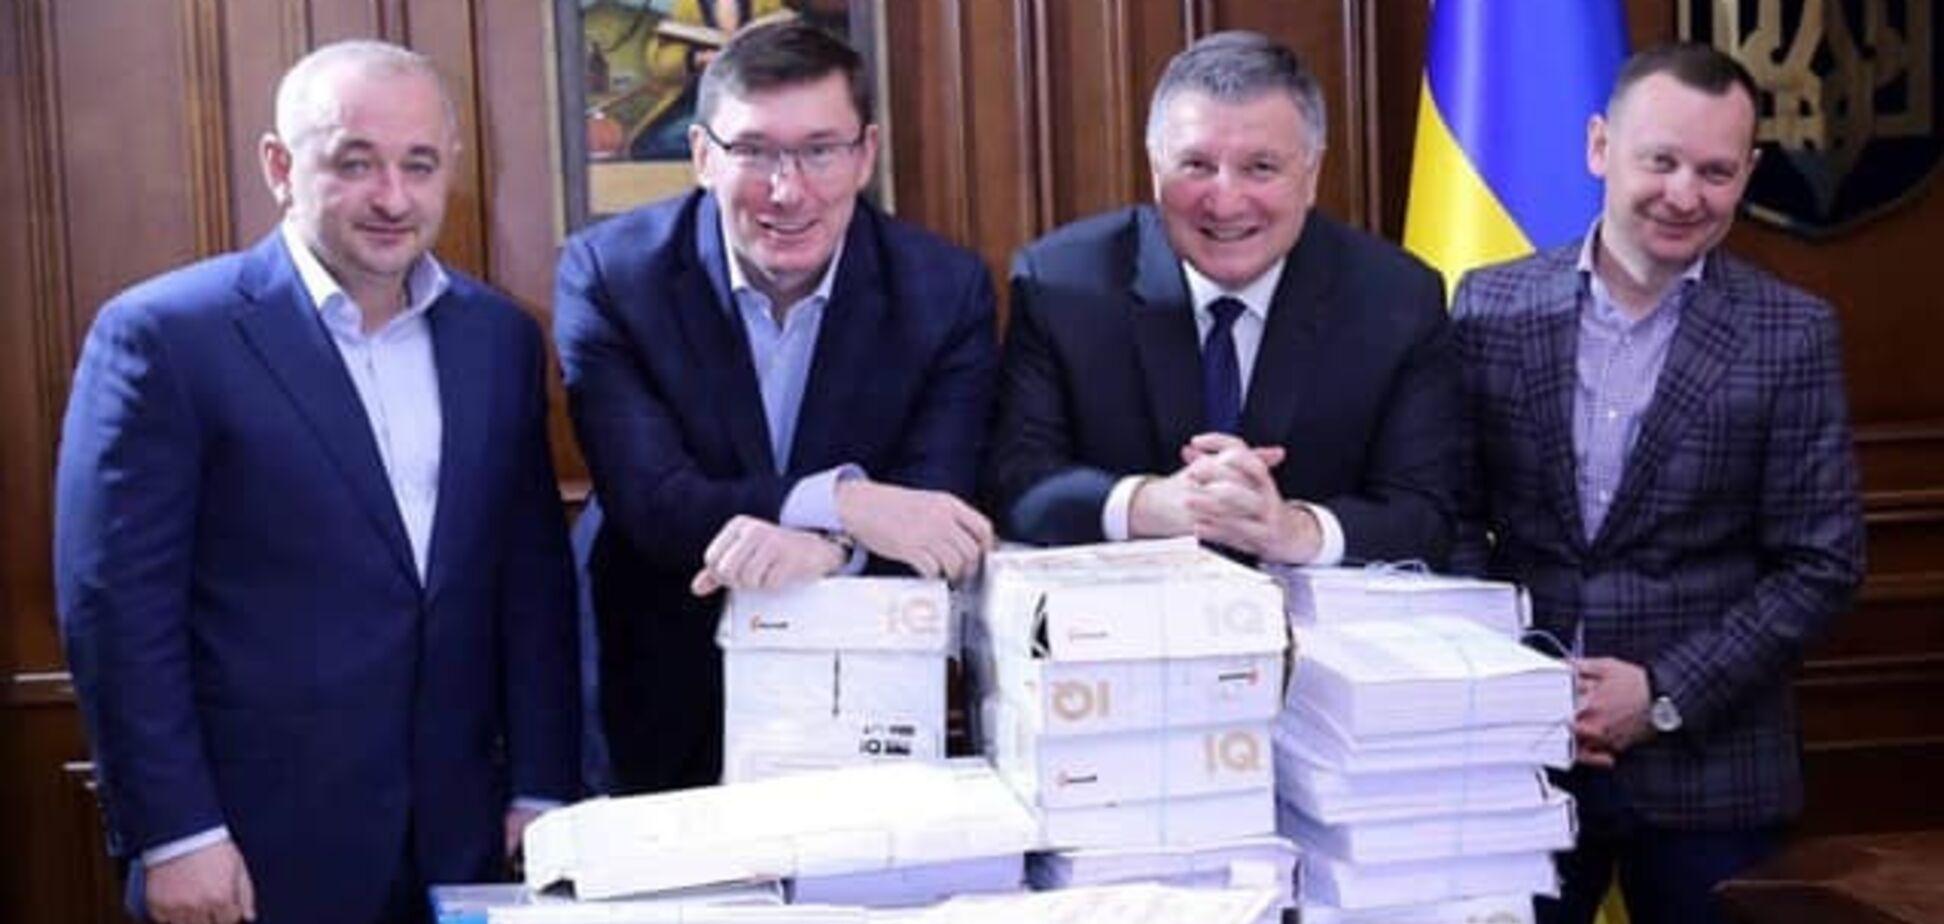 Розікрали мільярди: справа про масштабну корупцію 'вертолітних податківців' Януковича потрапила до суду